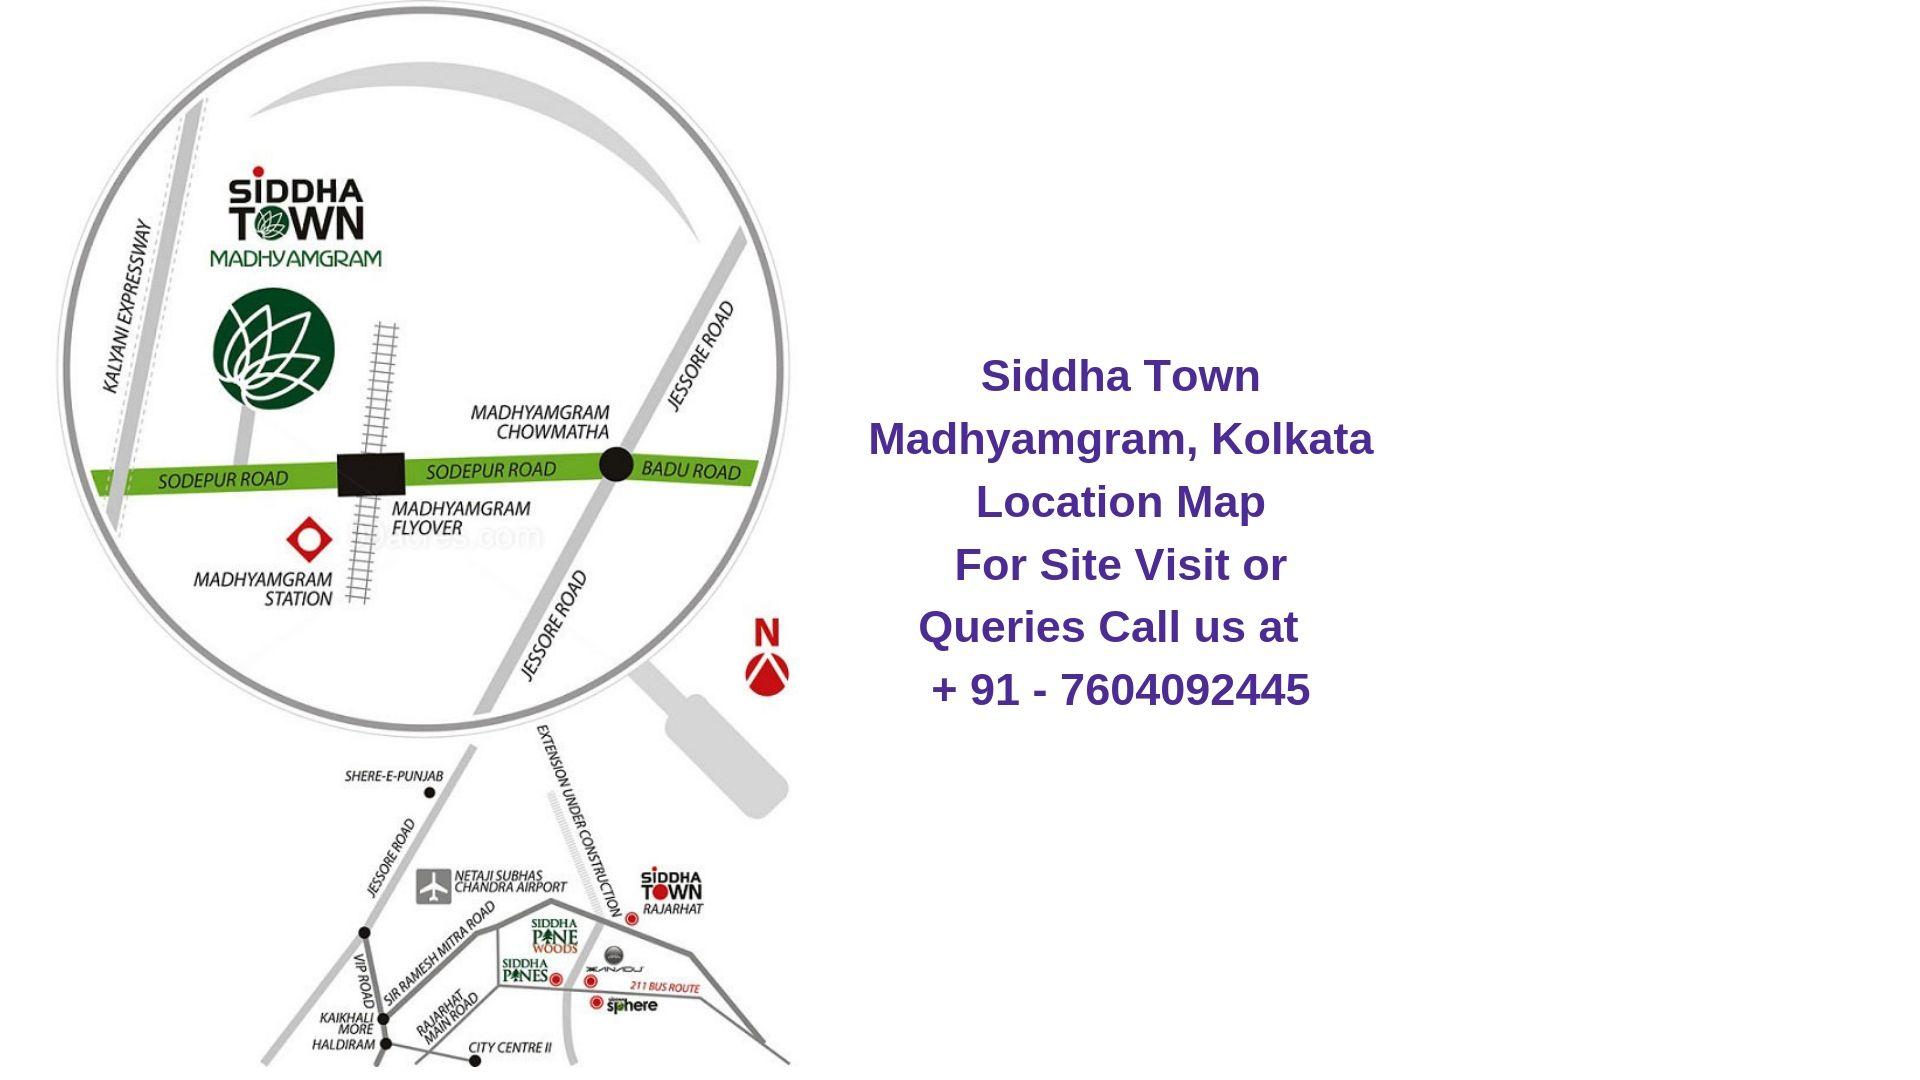 Siddha Town Madhyamgram, Kolkata Location Map